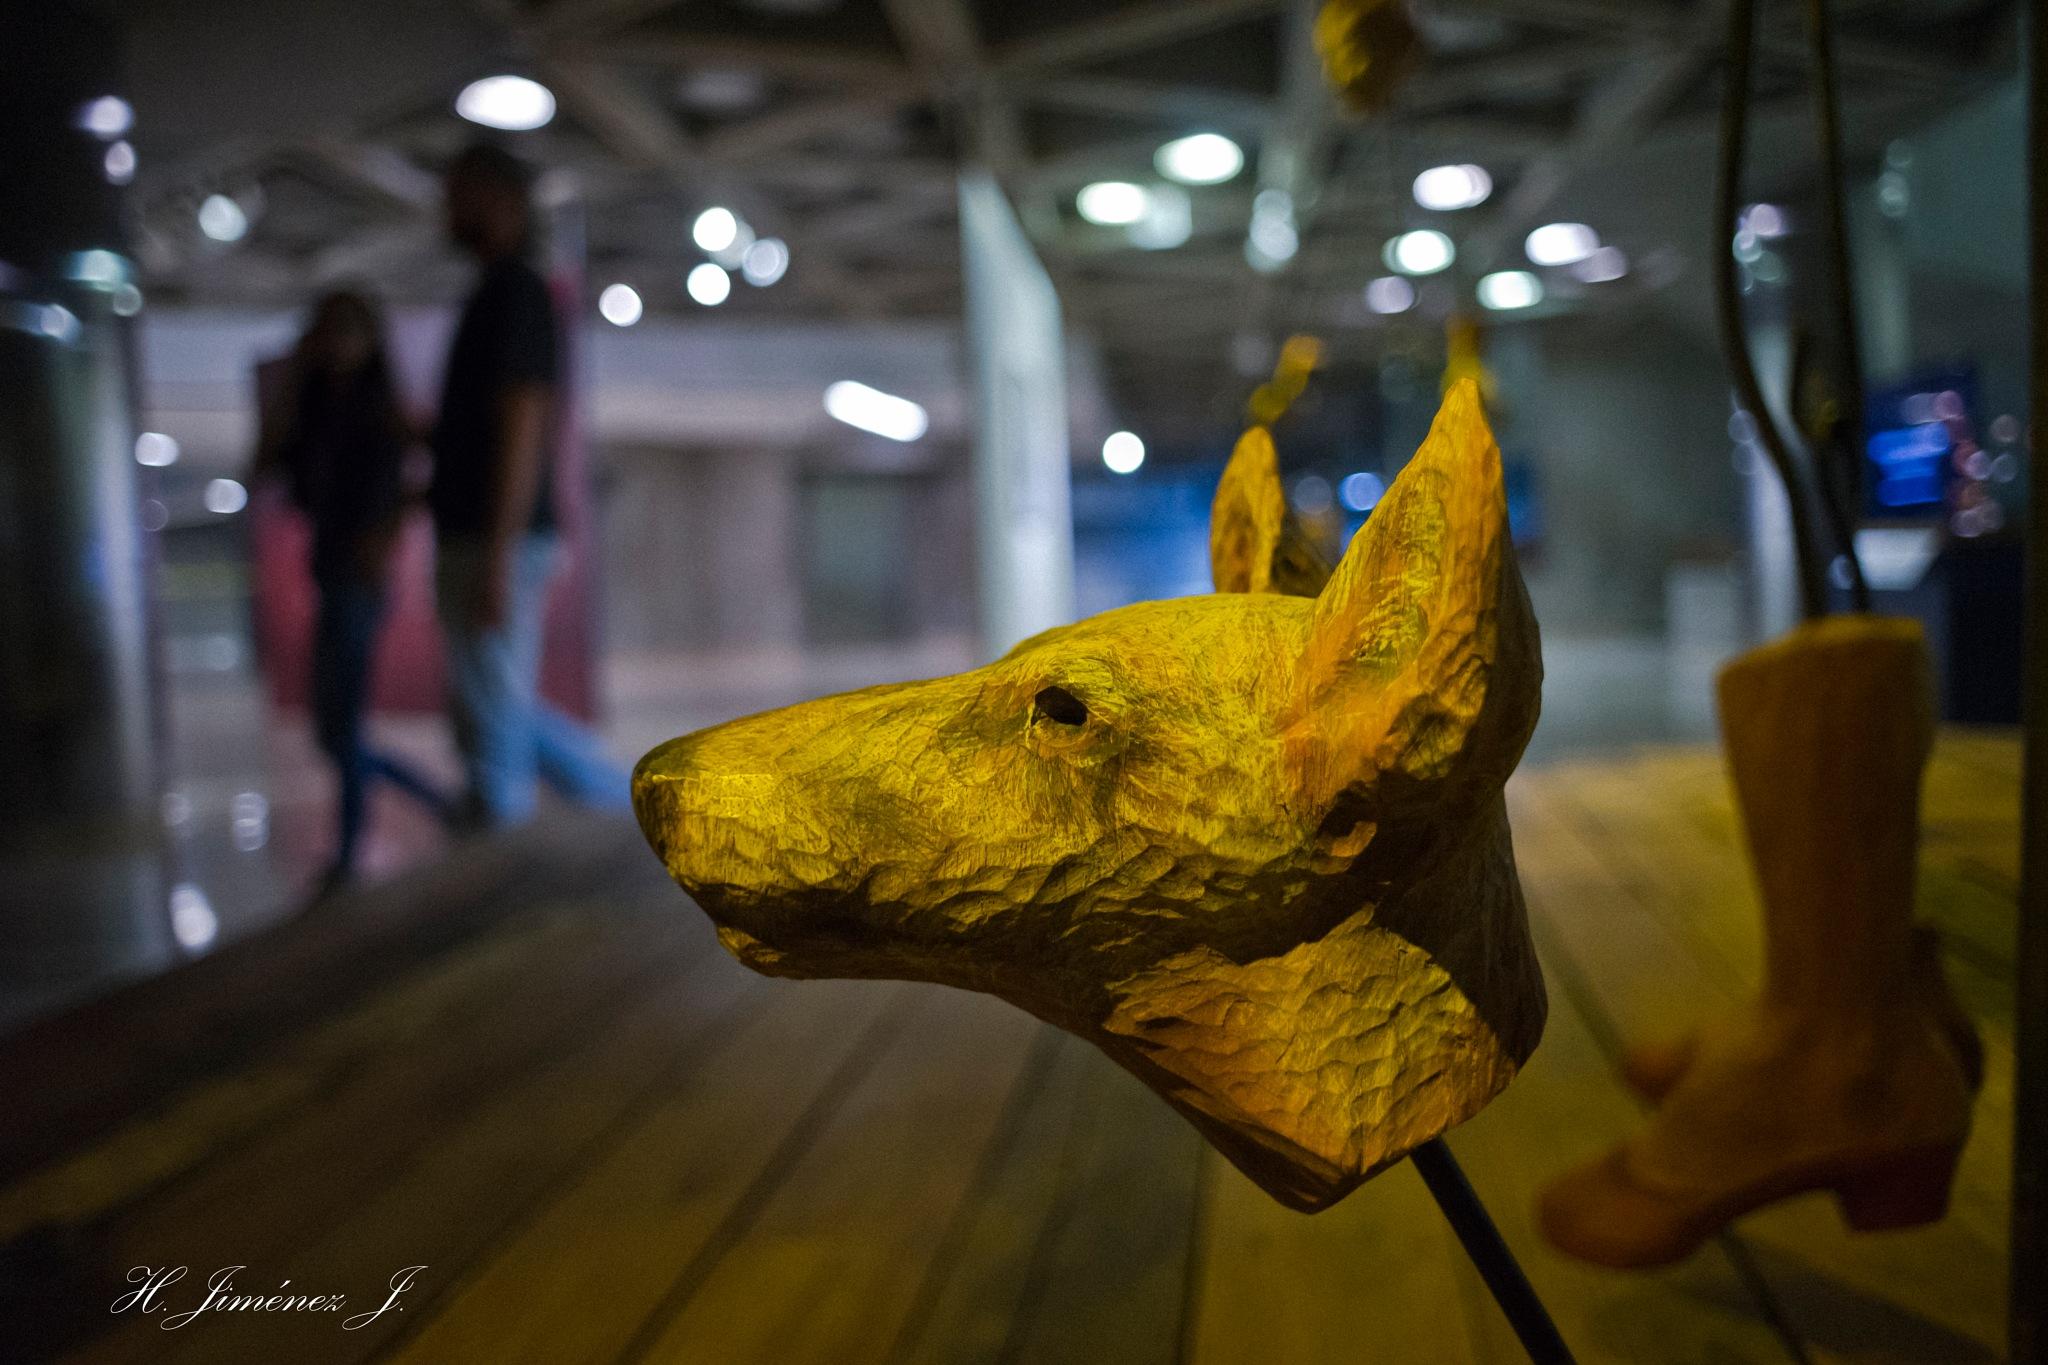 Perro sin cuerpo! by Henry Jiménez J